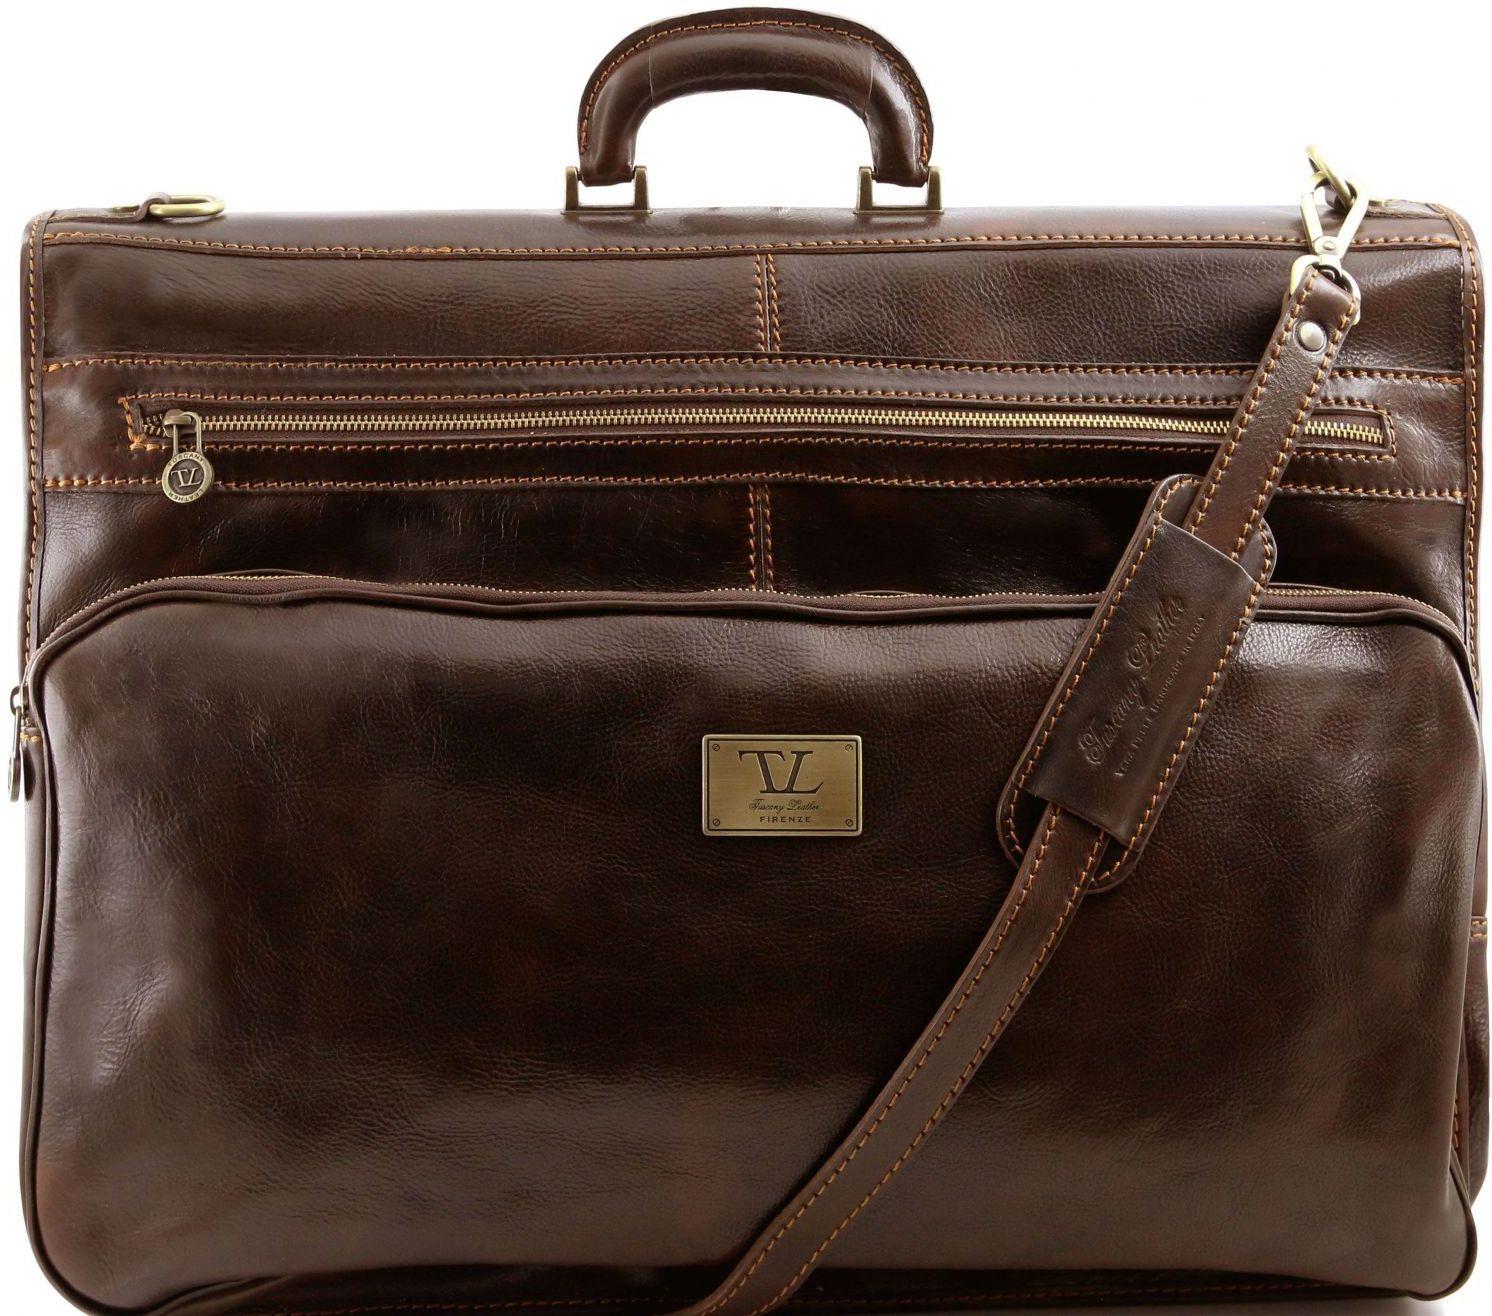 Βαλίτσα / Θήκη Ενδυμάτων Δερμάτινη Papeete Καφέ σκούρο Tuscany Leather